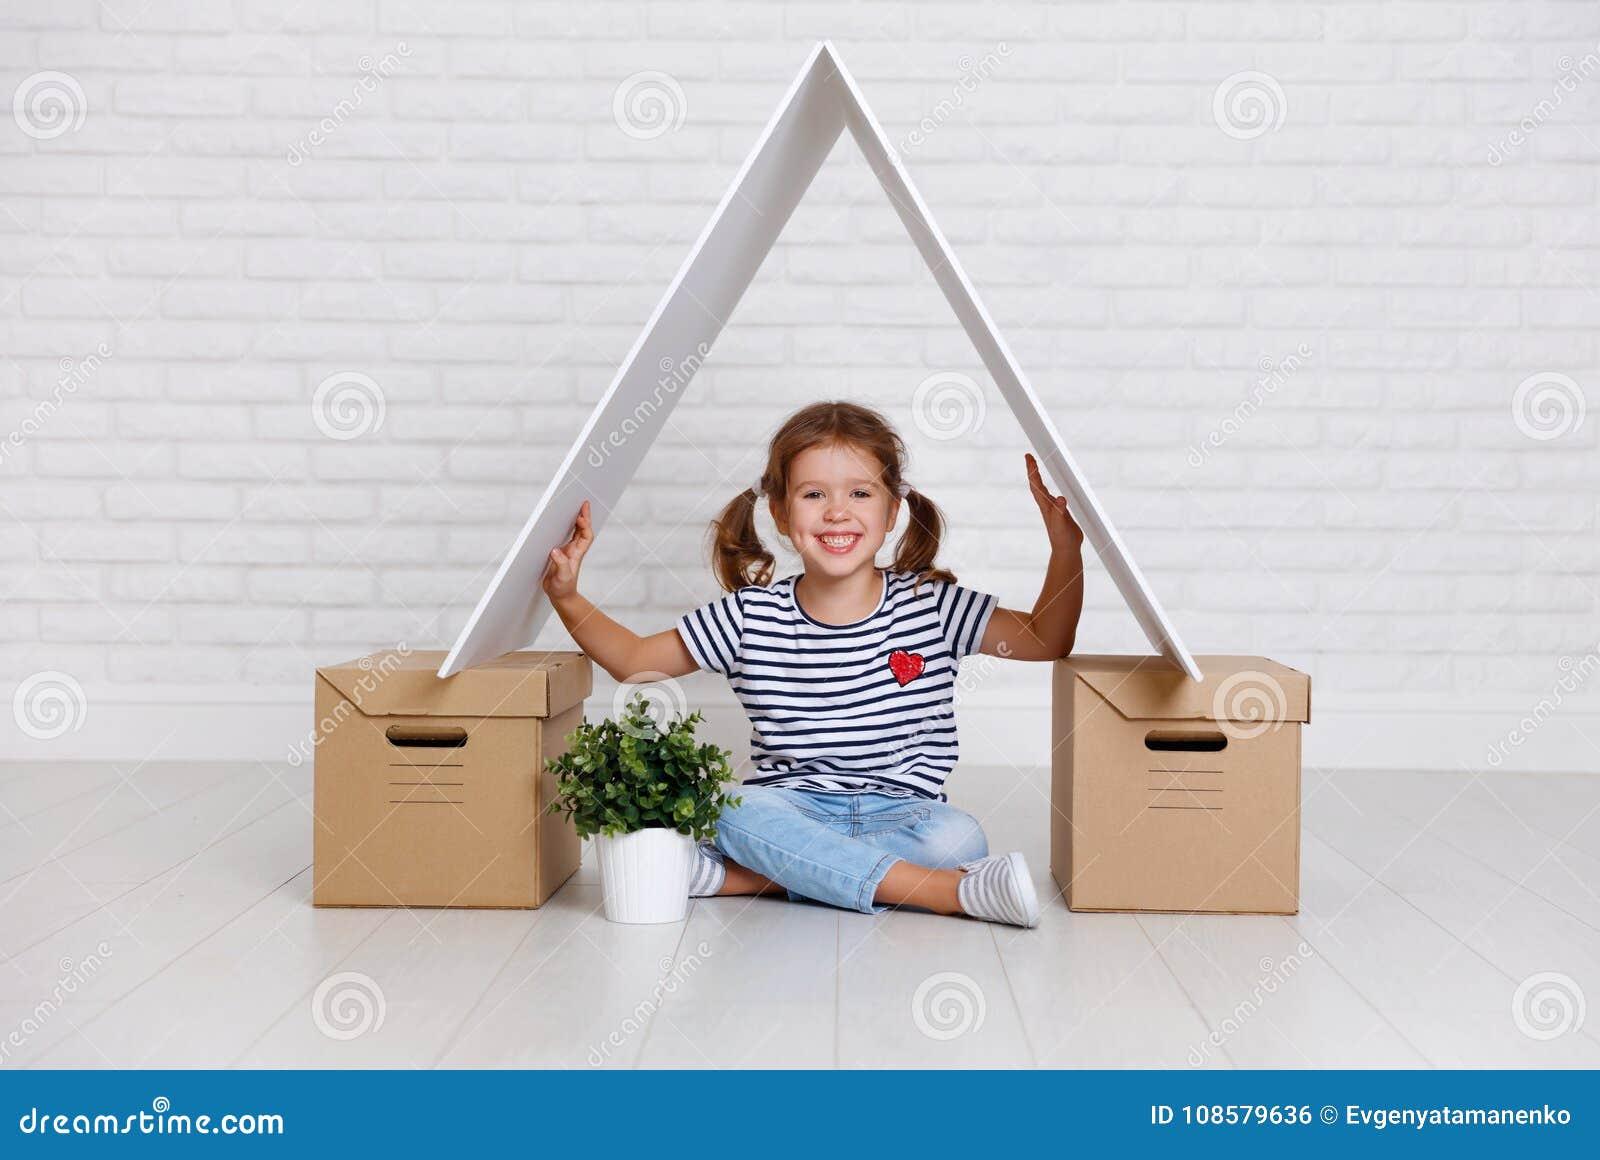 Concepto de mudanza y de vivienda muchacha feliz del niño con las cajas